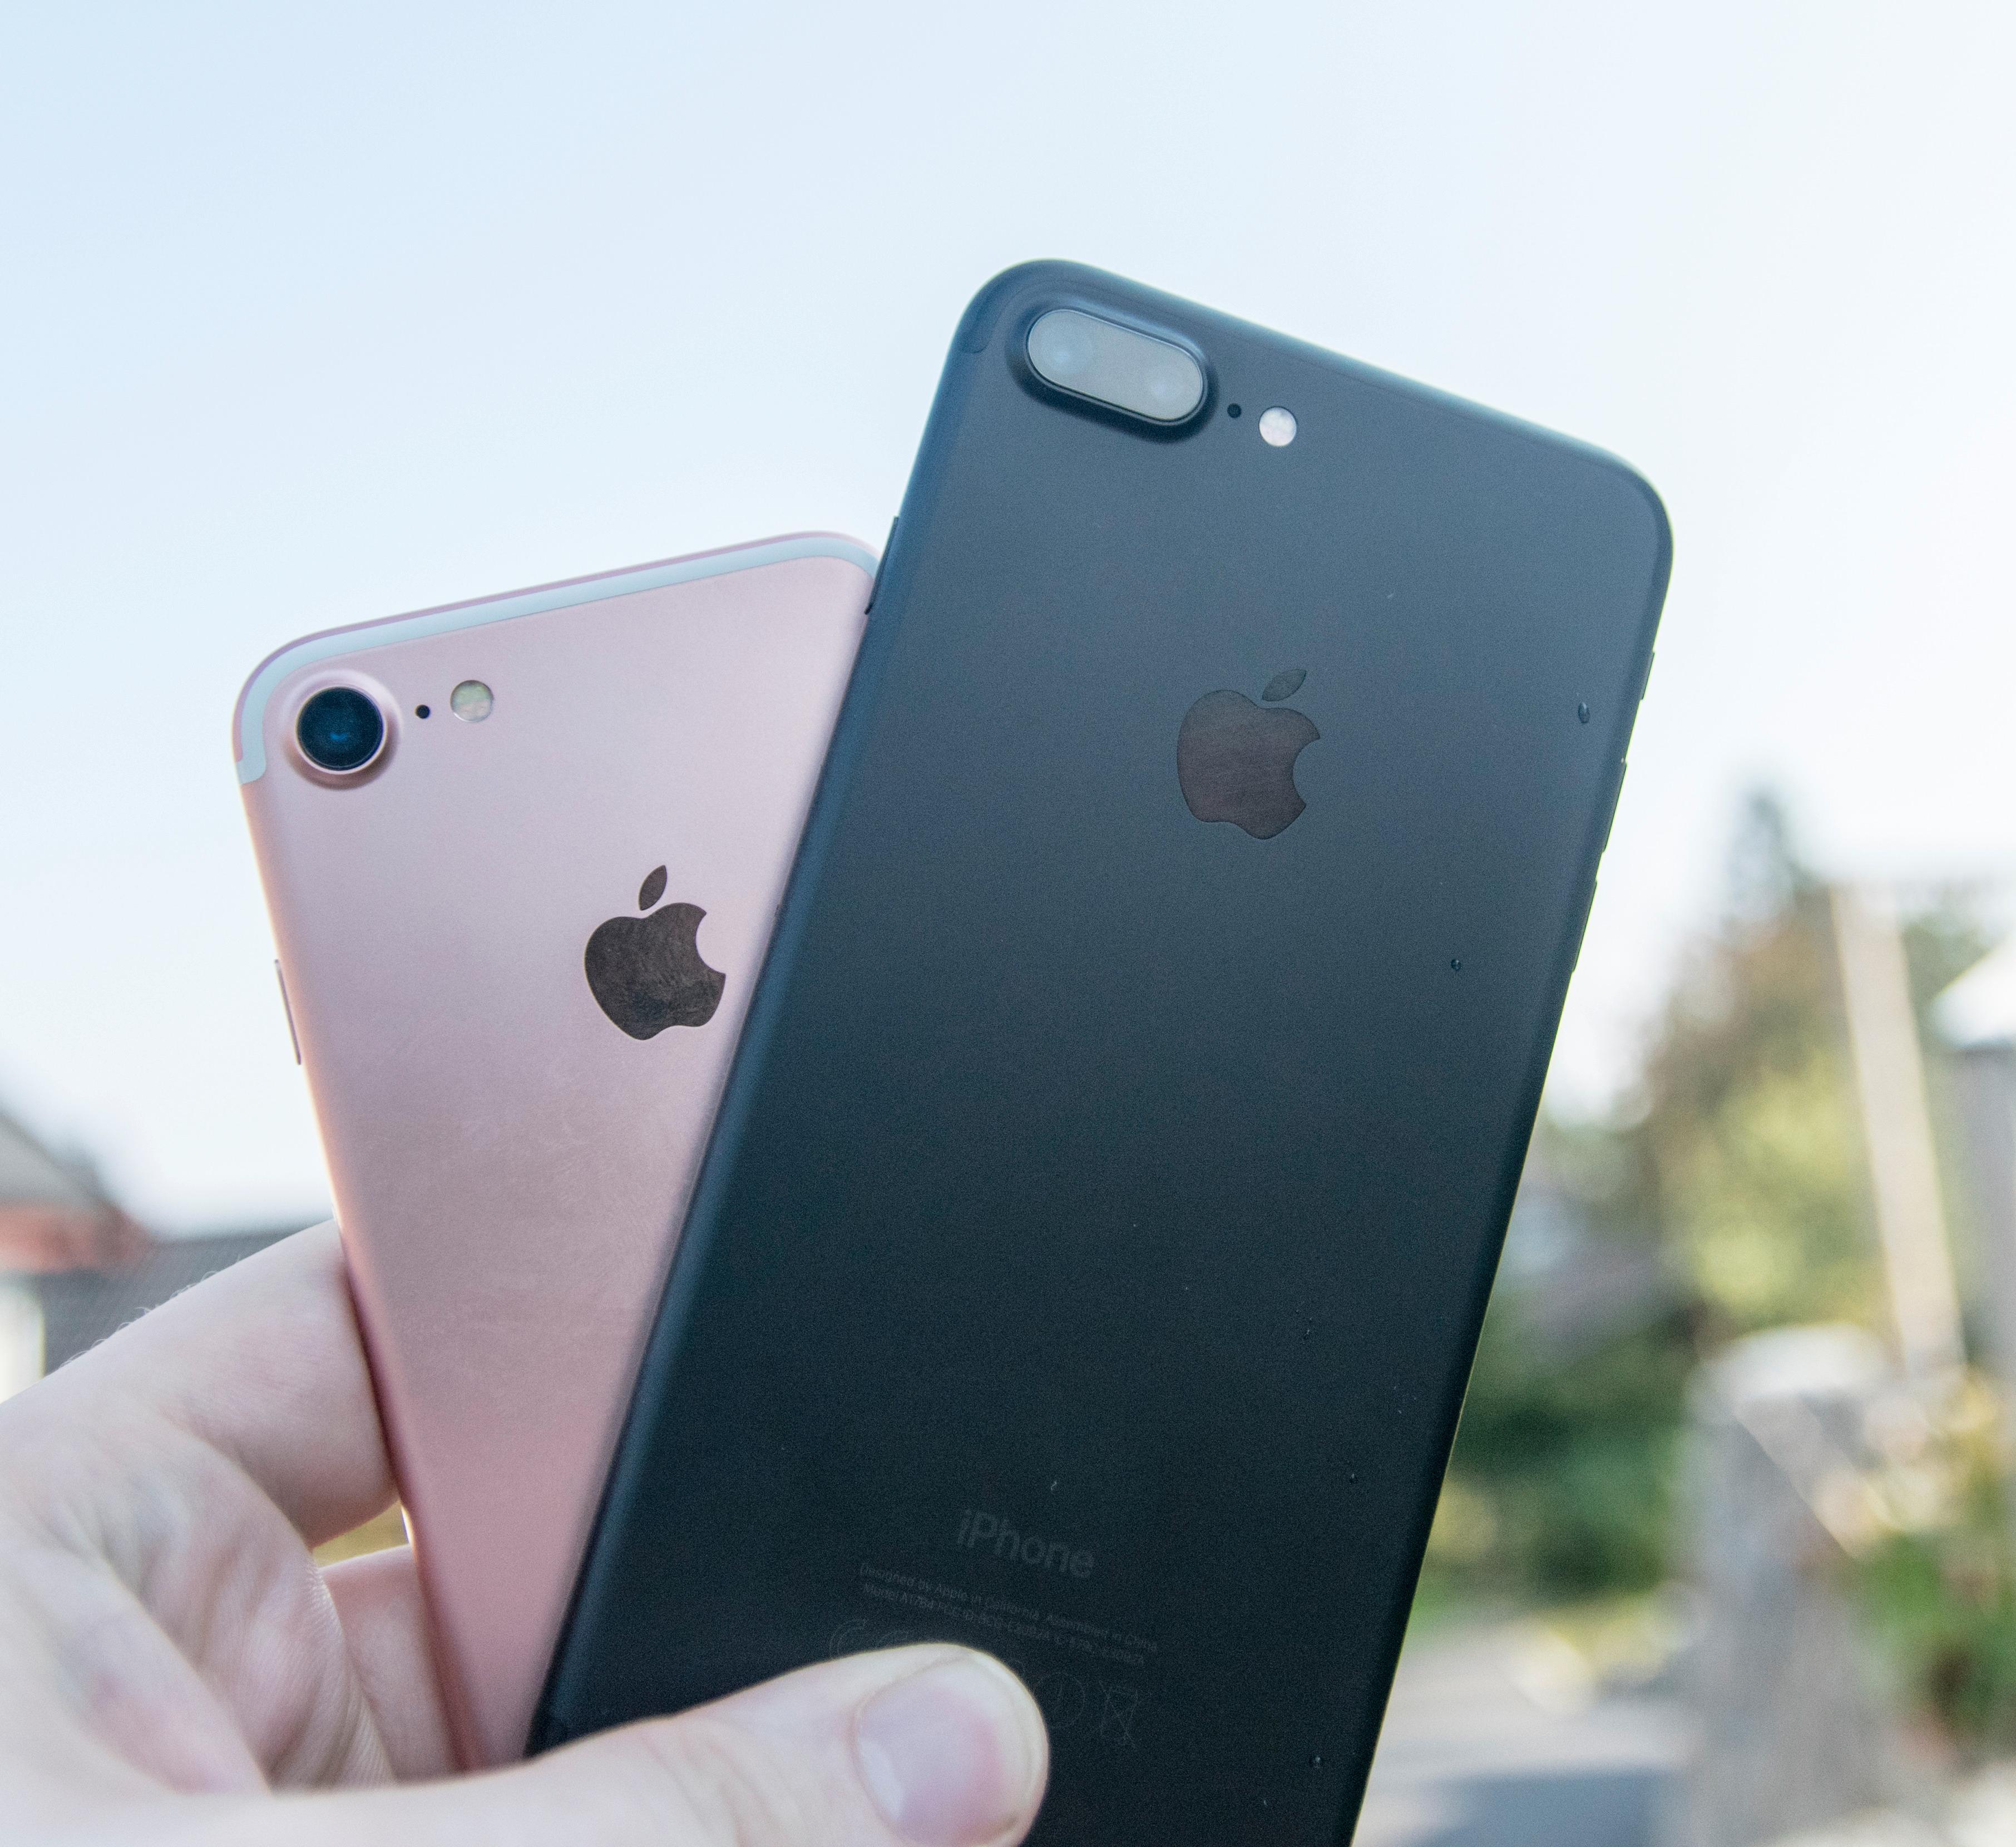 Samsung leverer viktige deler til Apples iPhone-modeller, som bidrar kraftig til Samsungs solide inntjening.